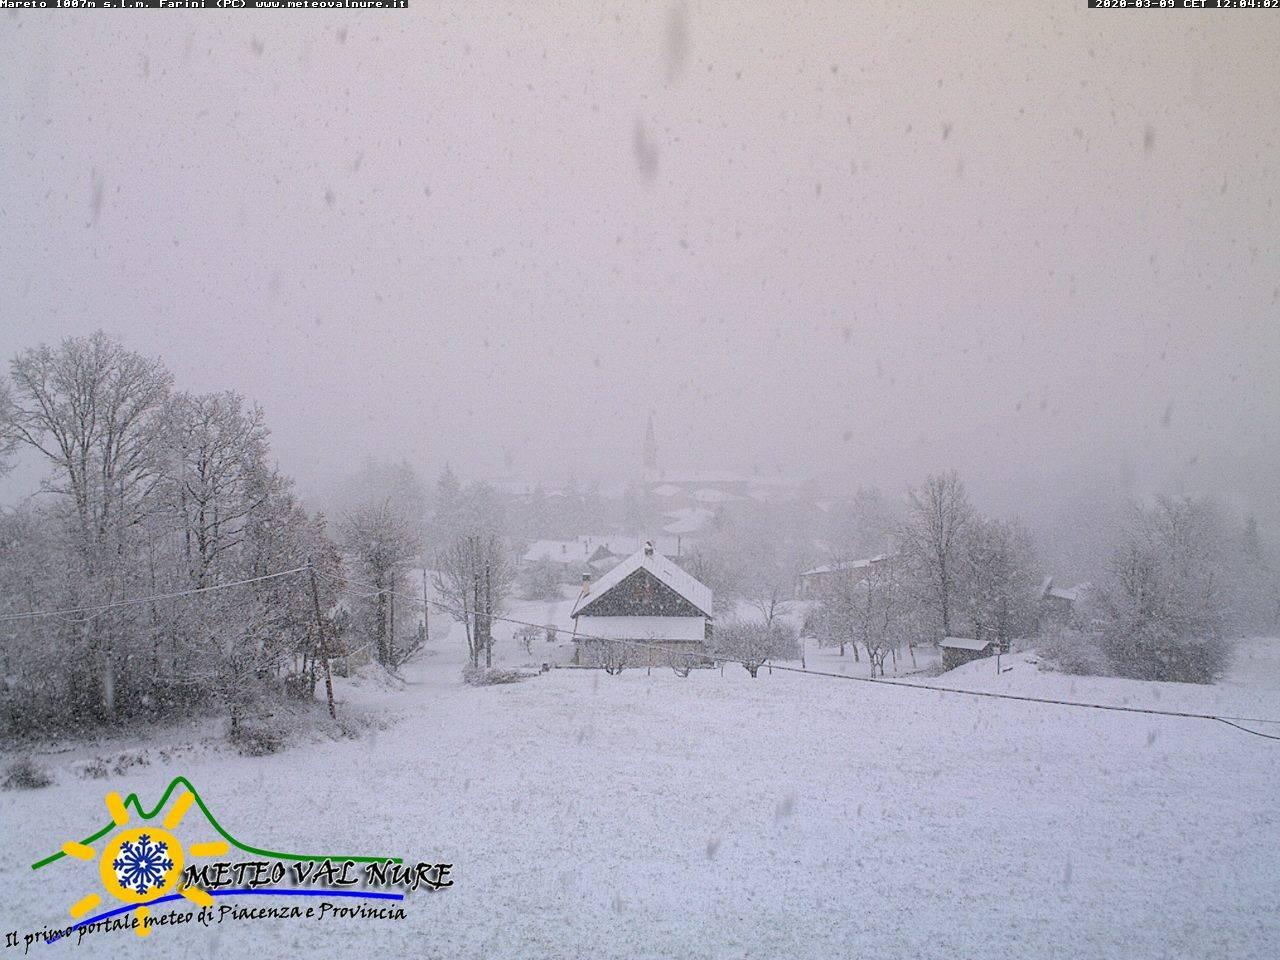 Neve sull'Appennino Piacentino anche sotto i 1000m